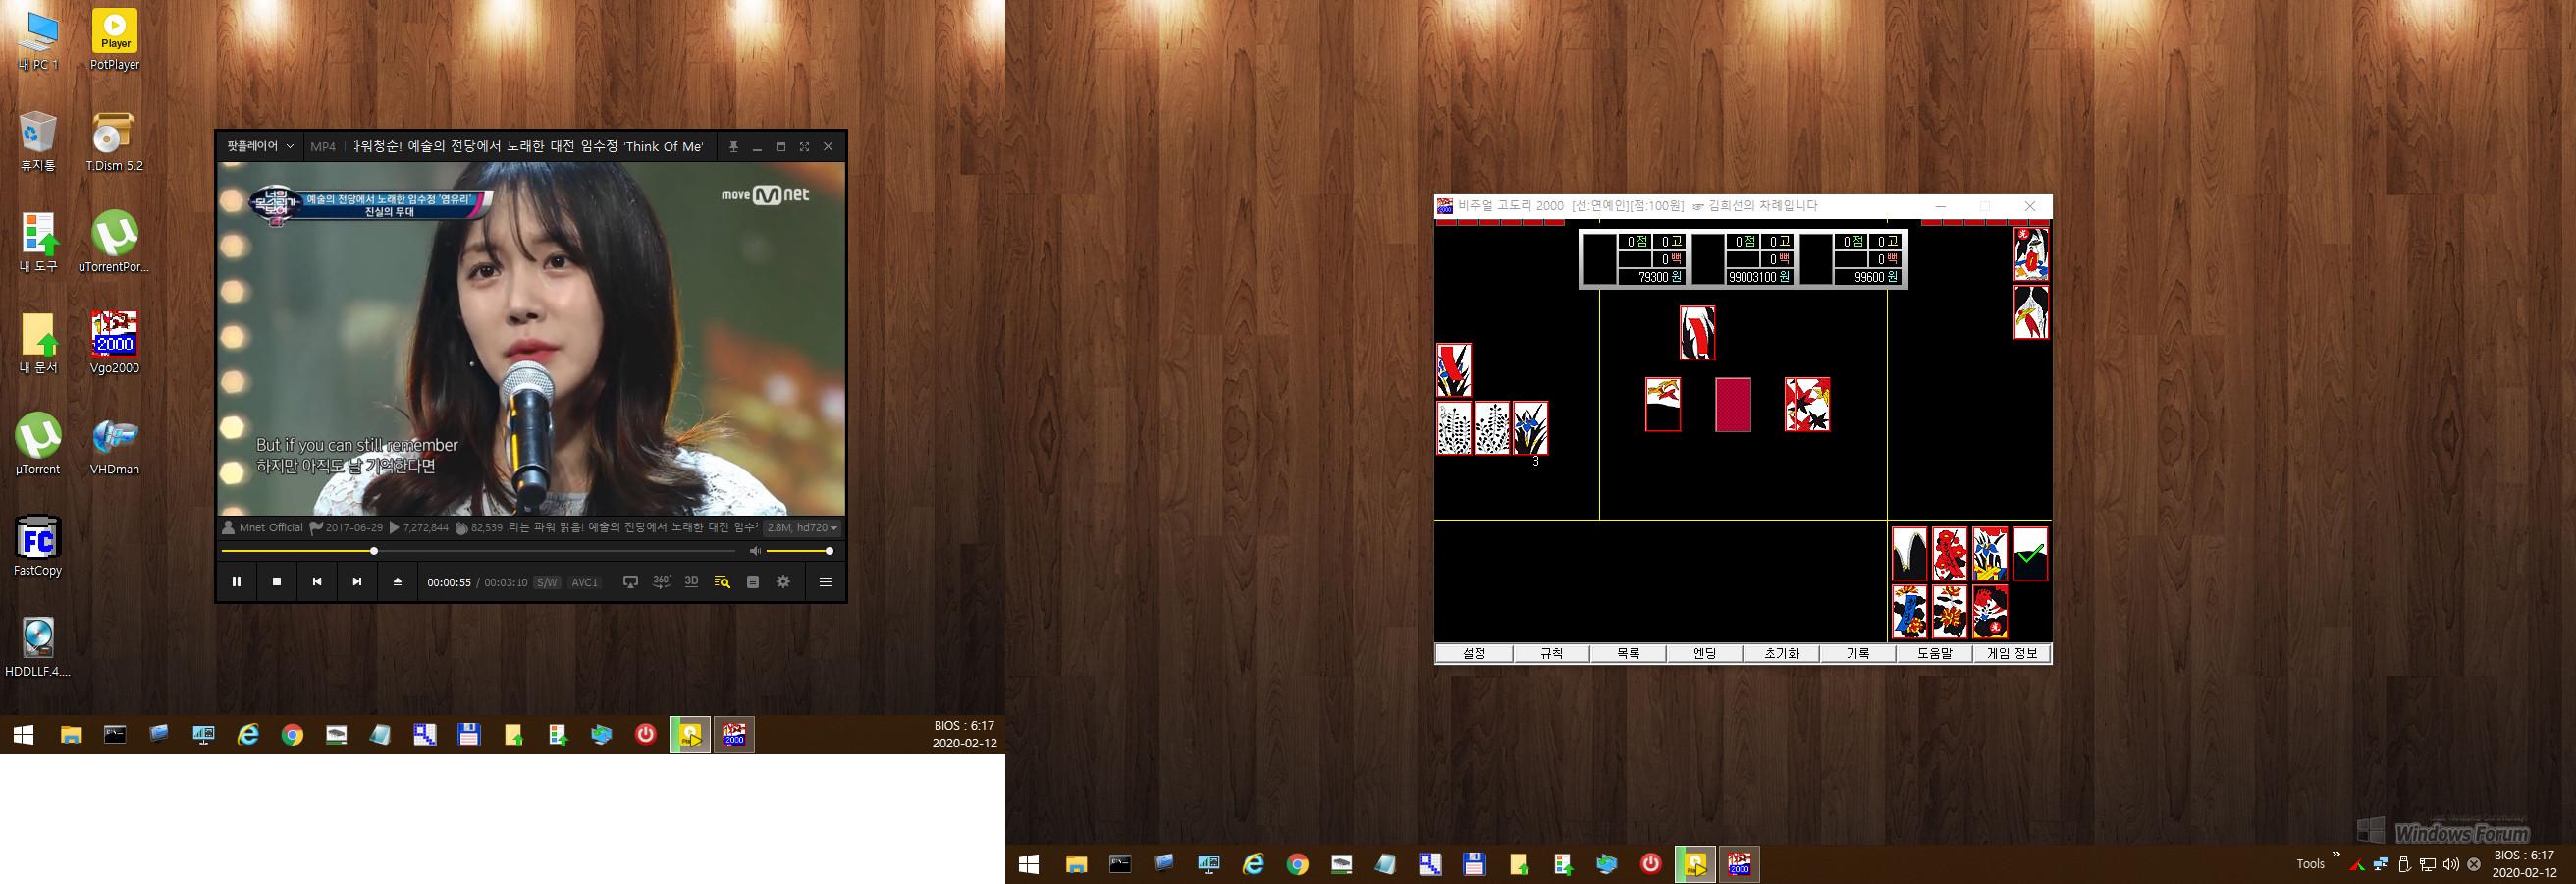 Win10XPE23_x64_19559.1000_Files_0003-07.jpg